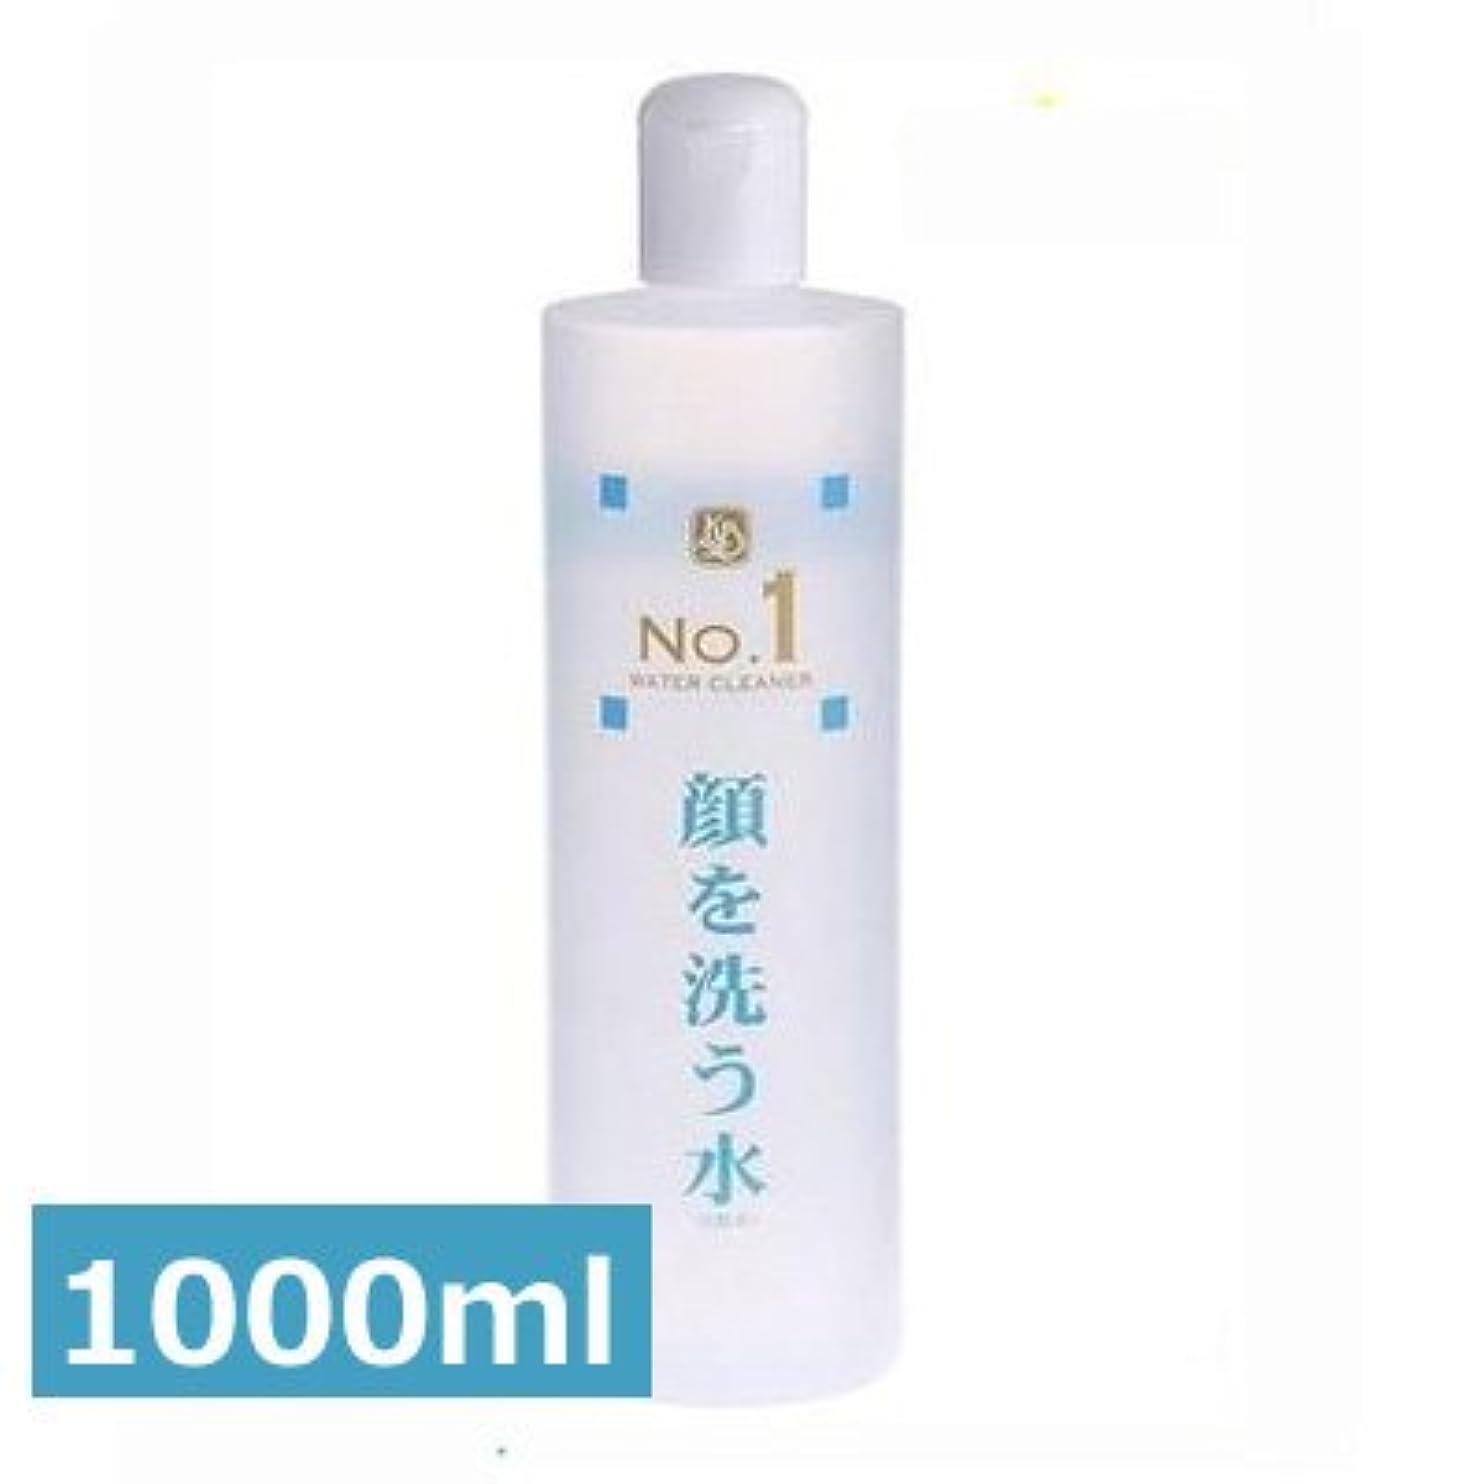 ぶどう読み書きのできないバルク顔を洗う水 No.1 1000ml×2本